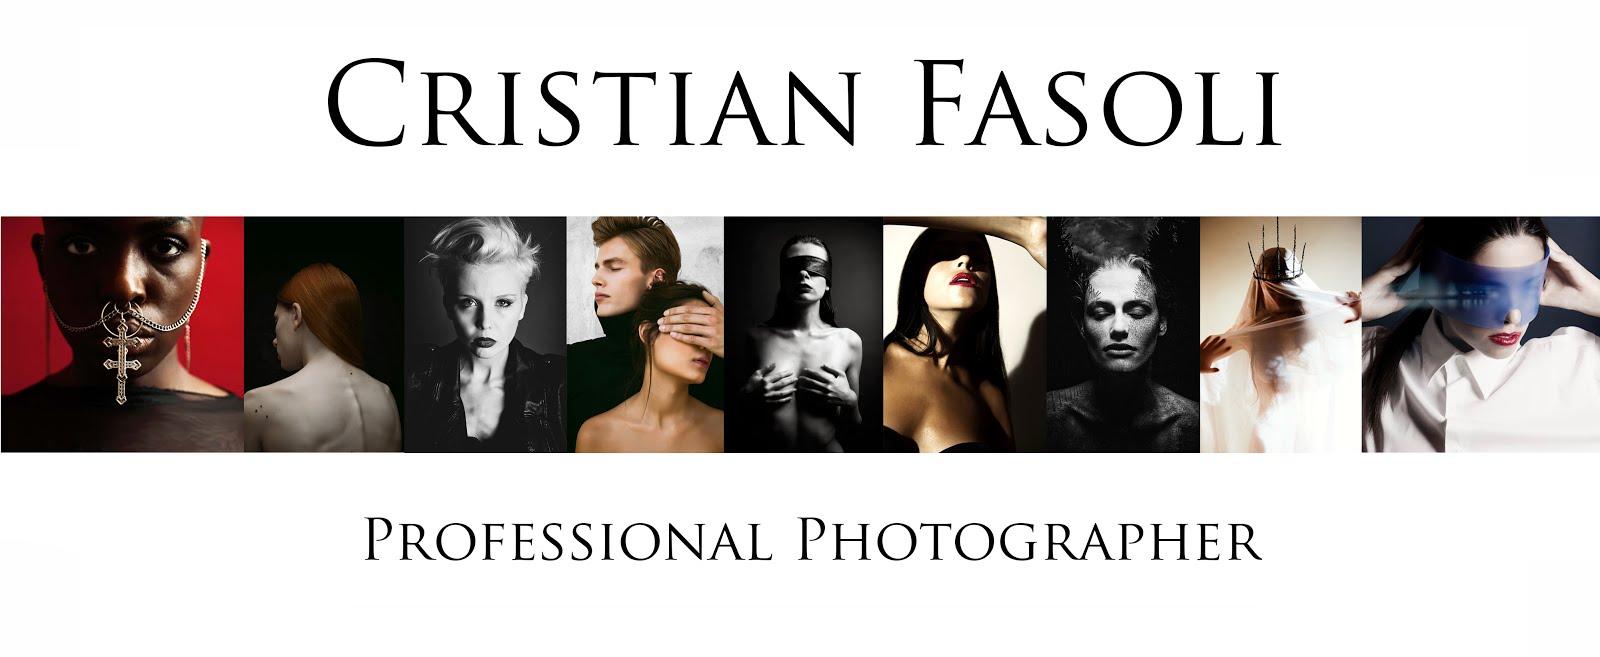 Cristian Fasoli fotografo Professionista